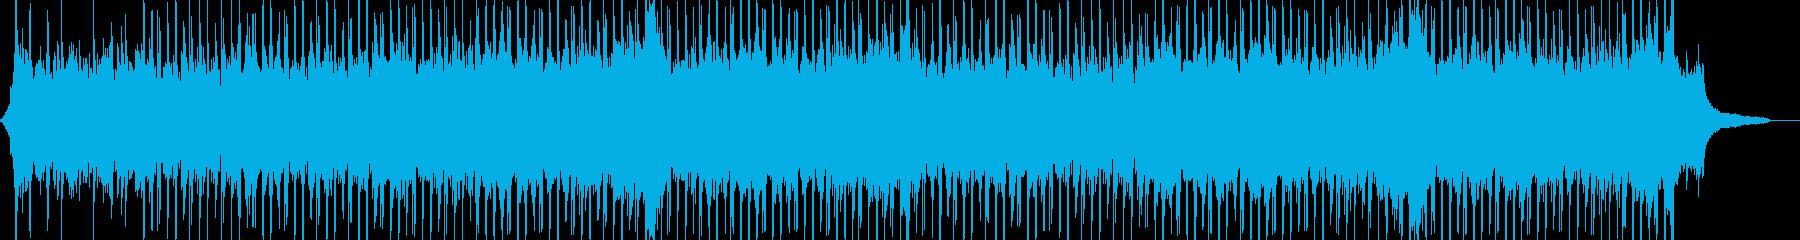 企業VP系48、爽やかピアノ4つ打ちaの再生済みの波形